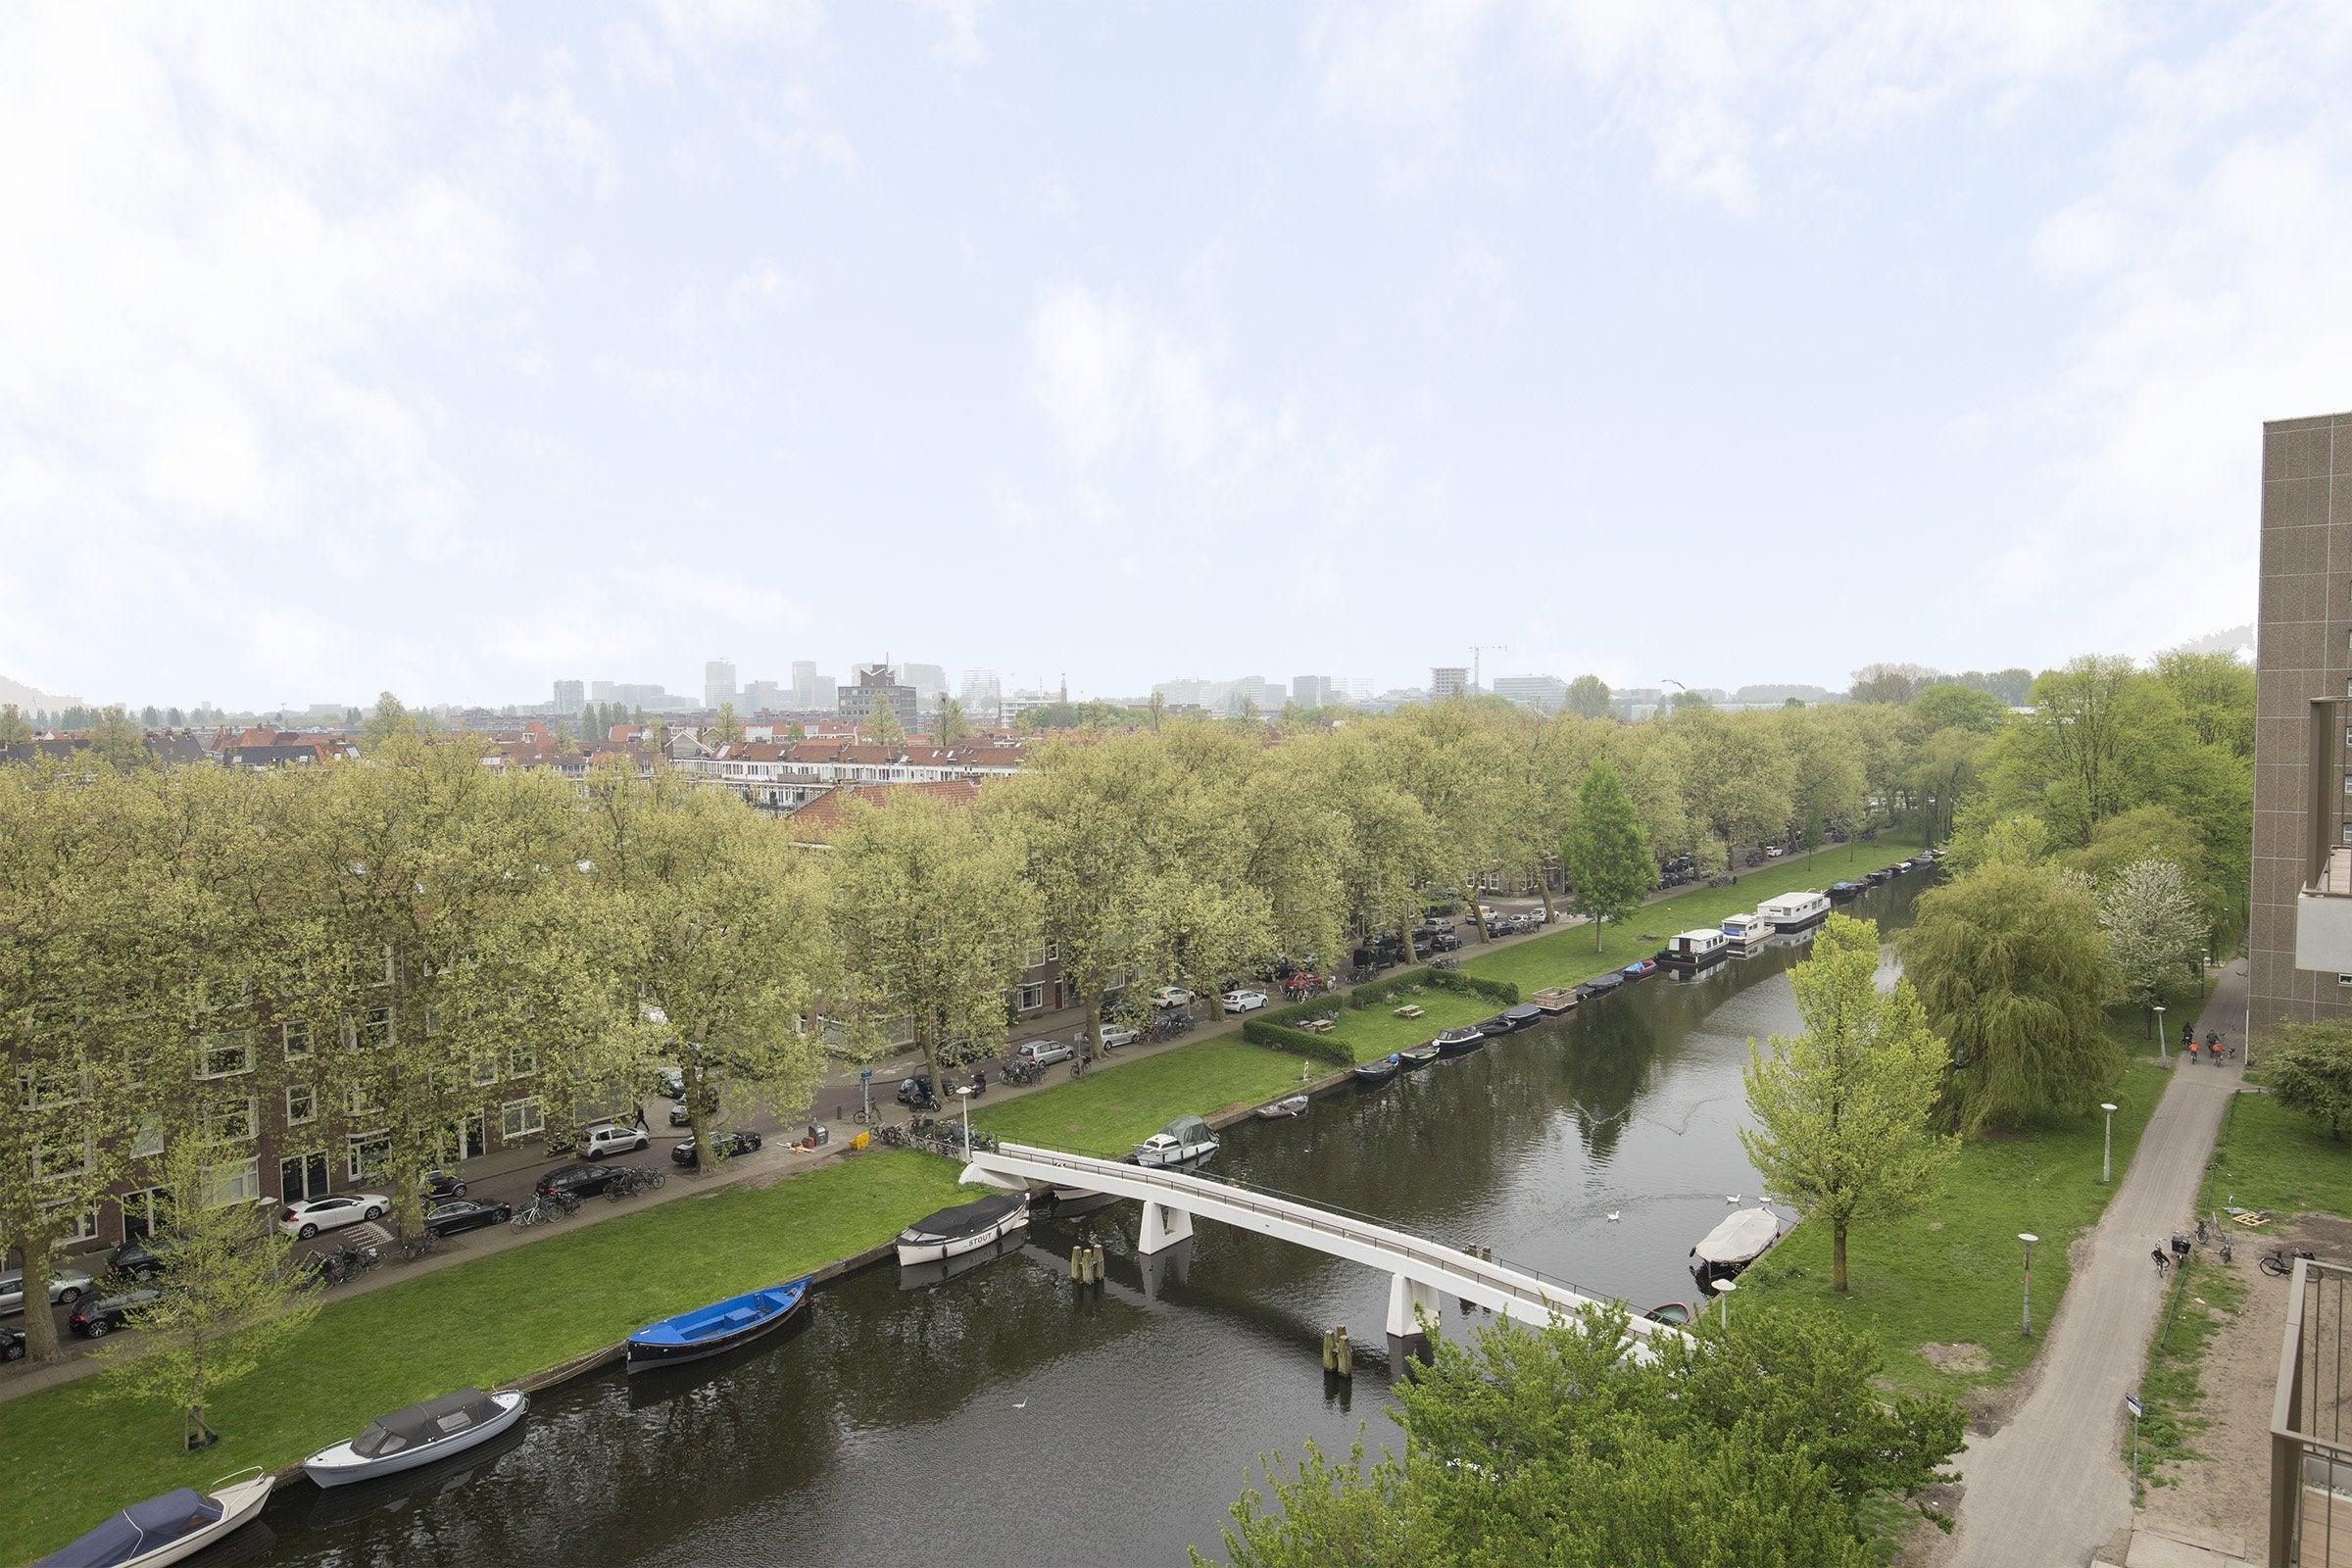 Poeldijkstraat / Amsterdam